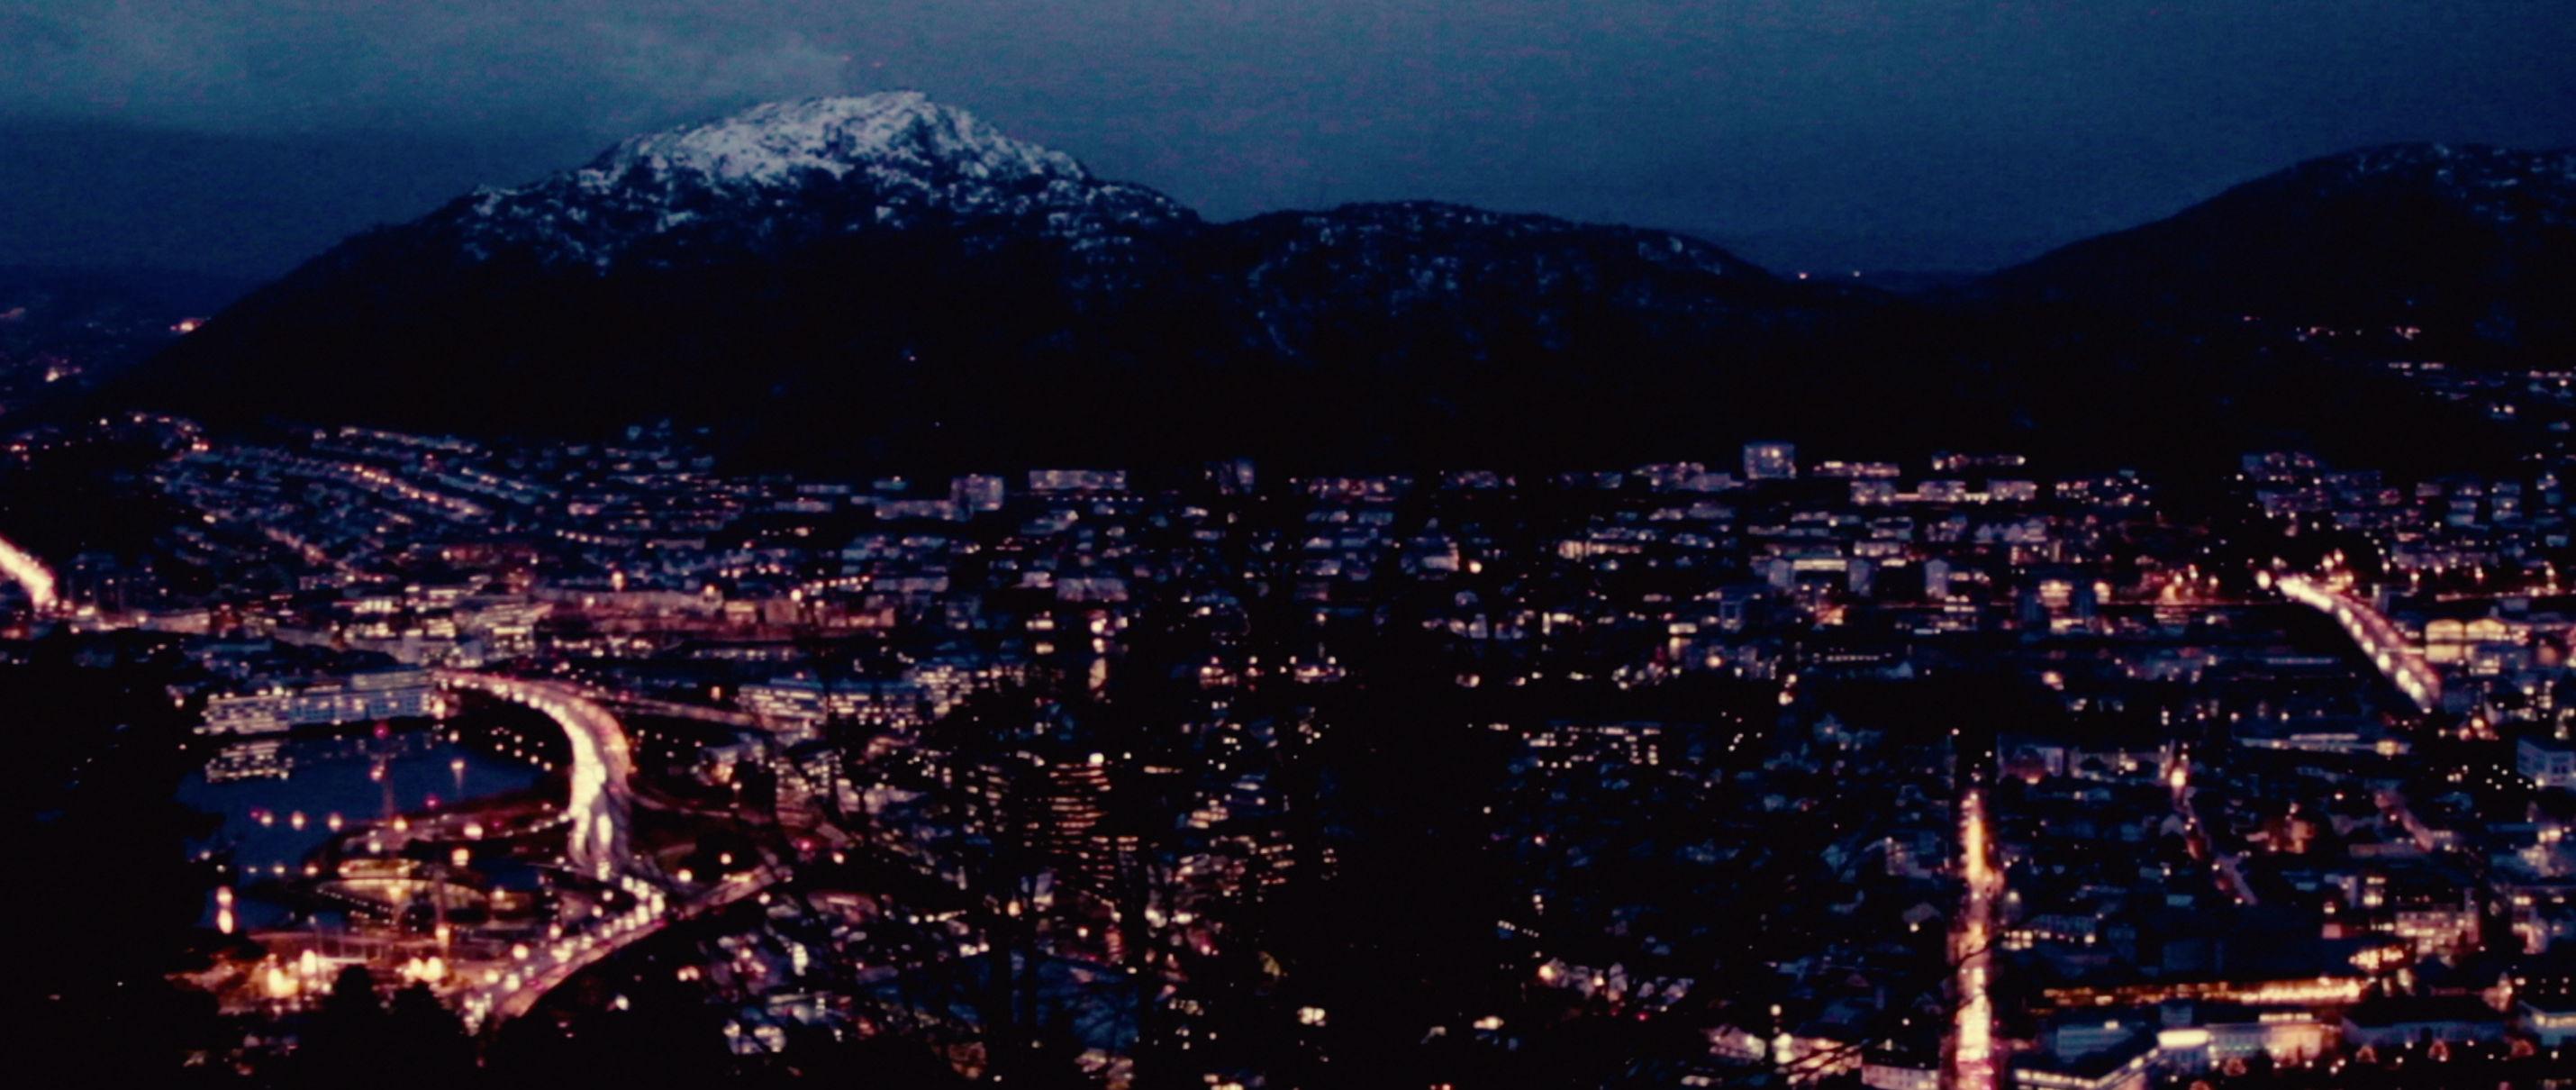 Zwei Leben - Two Lives - Bergen bei Nacht - Regie Georg Maas - Regie und Kamera Judith Kaufmann